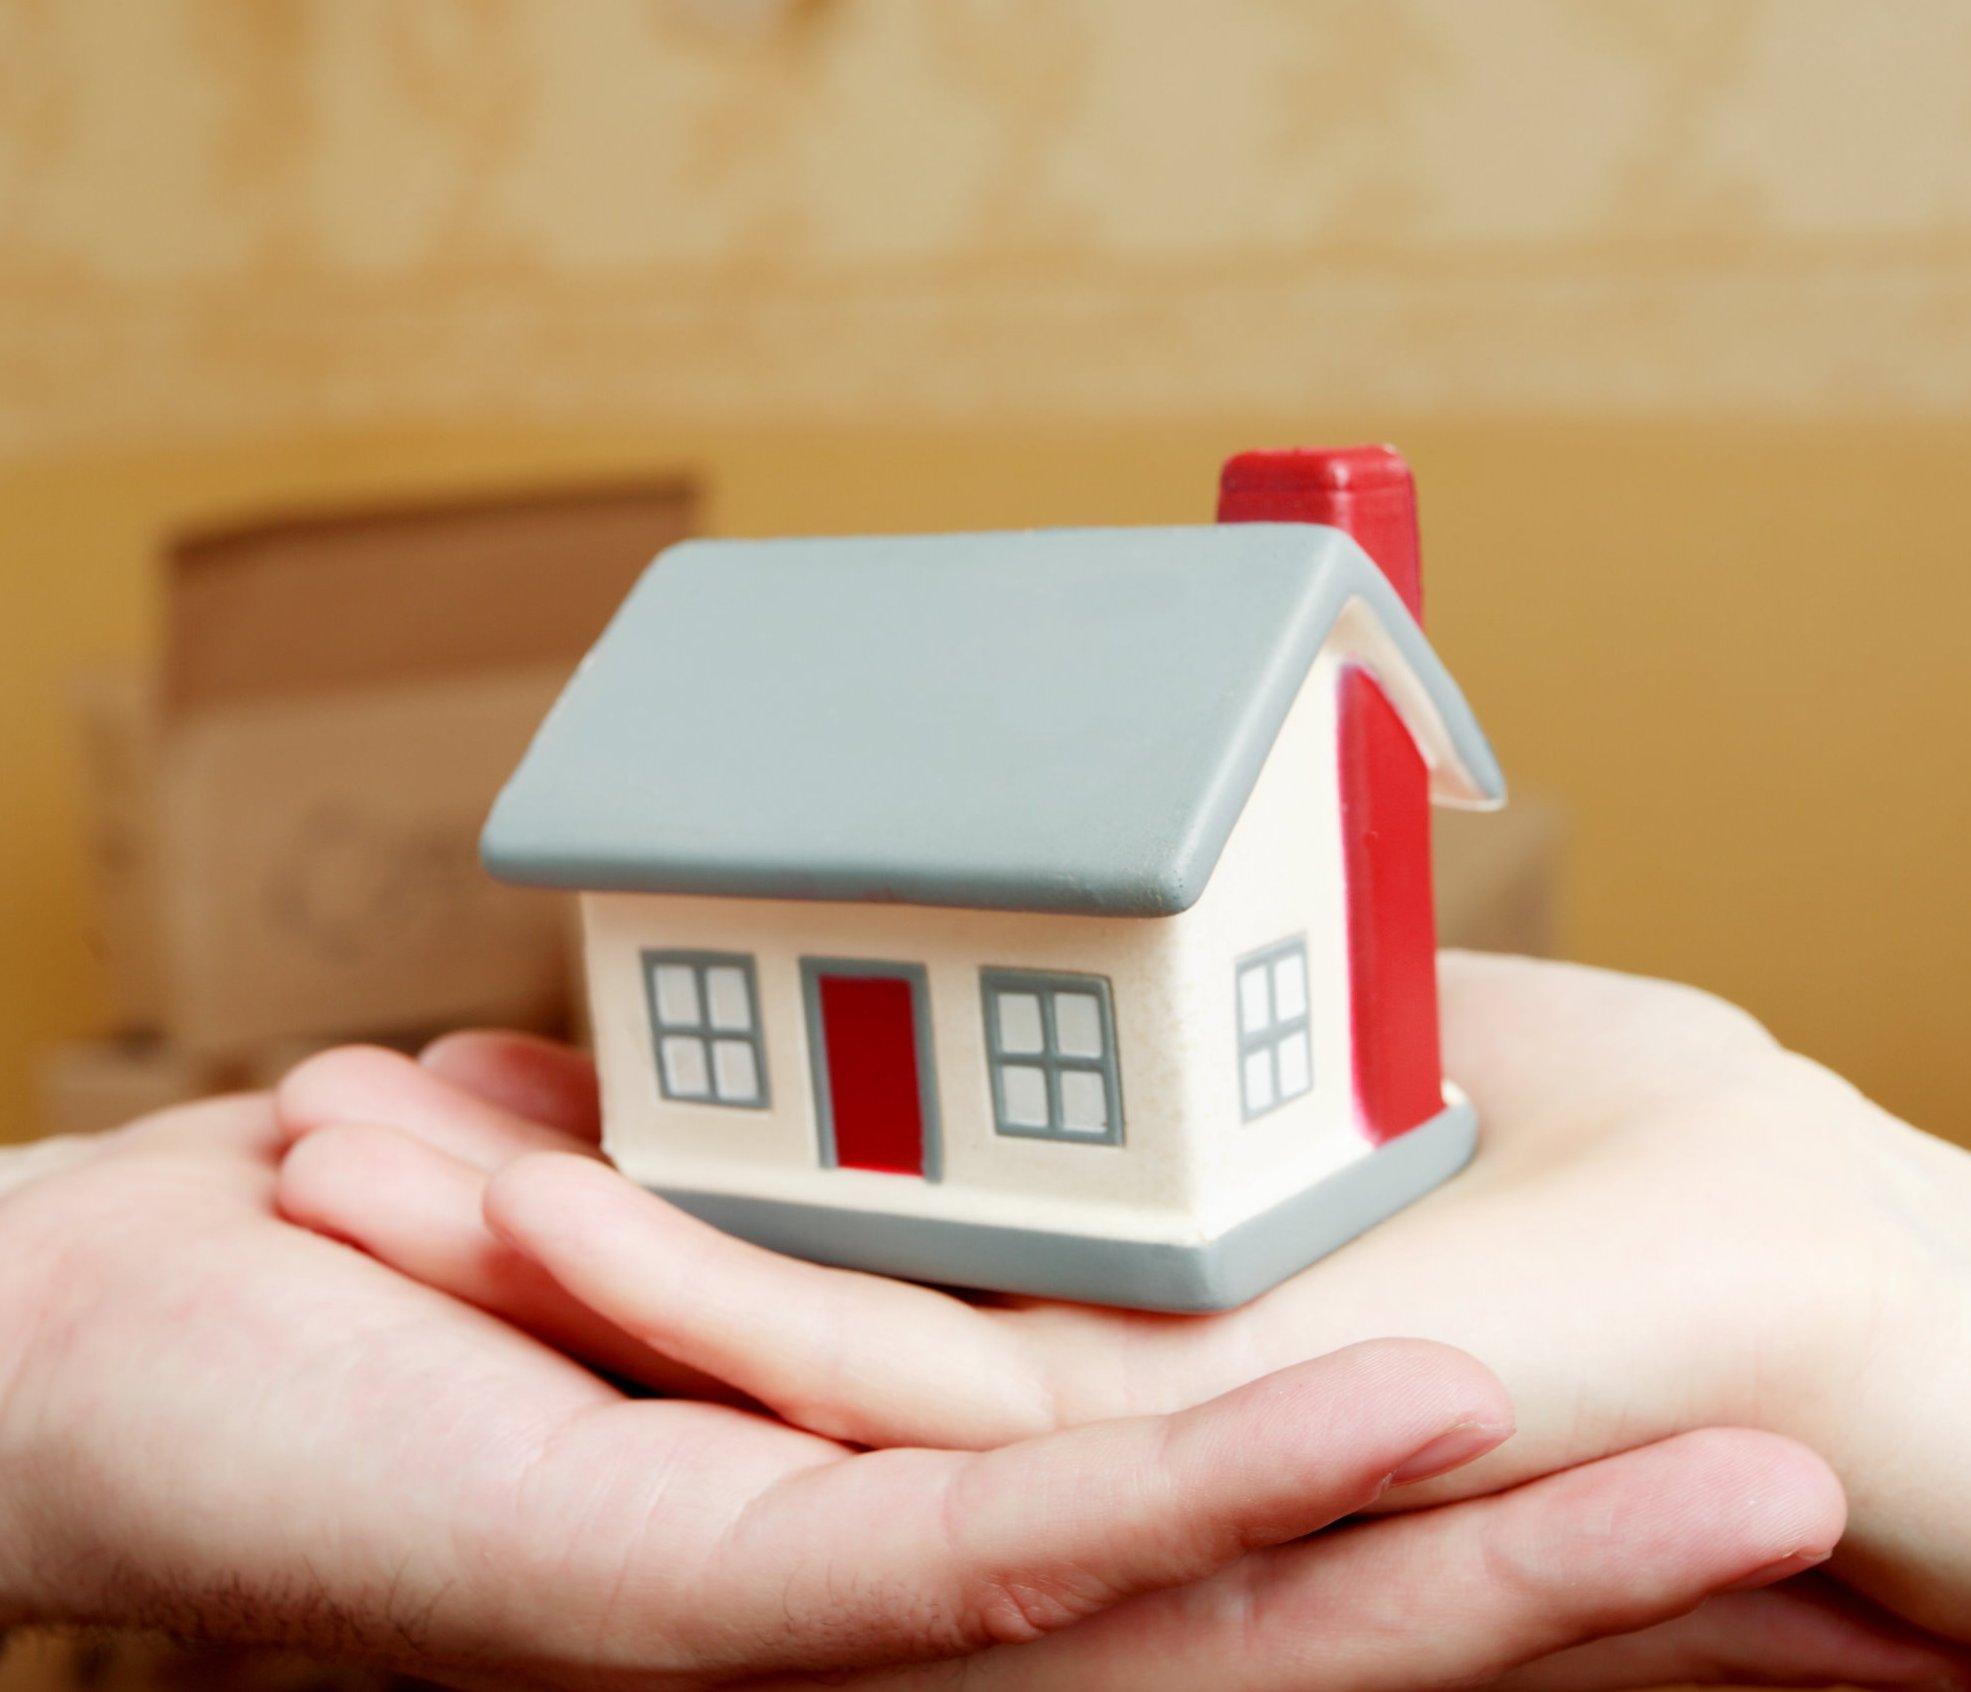 Achat immobilier les astuces d un amateur de l for Achat maison appartement